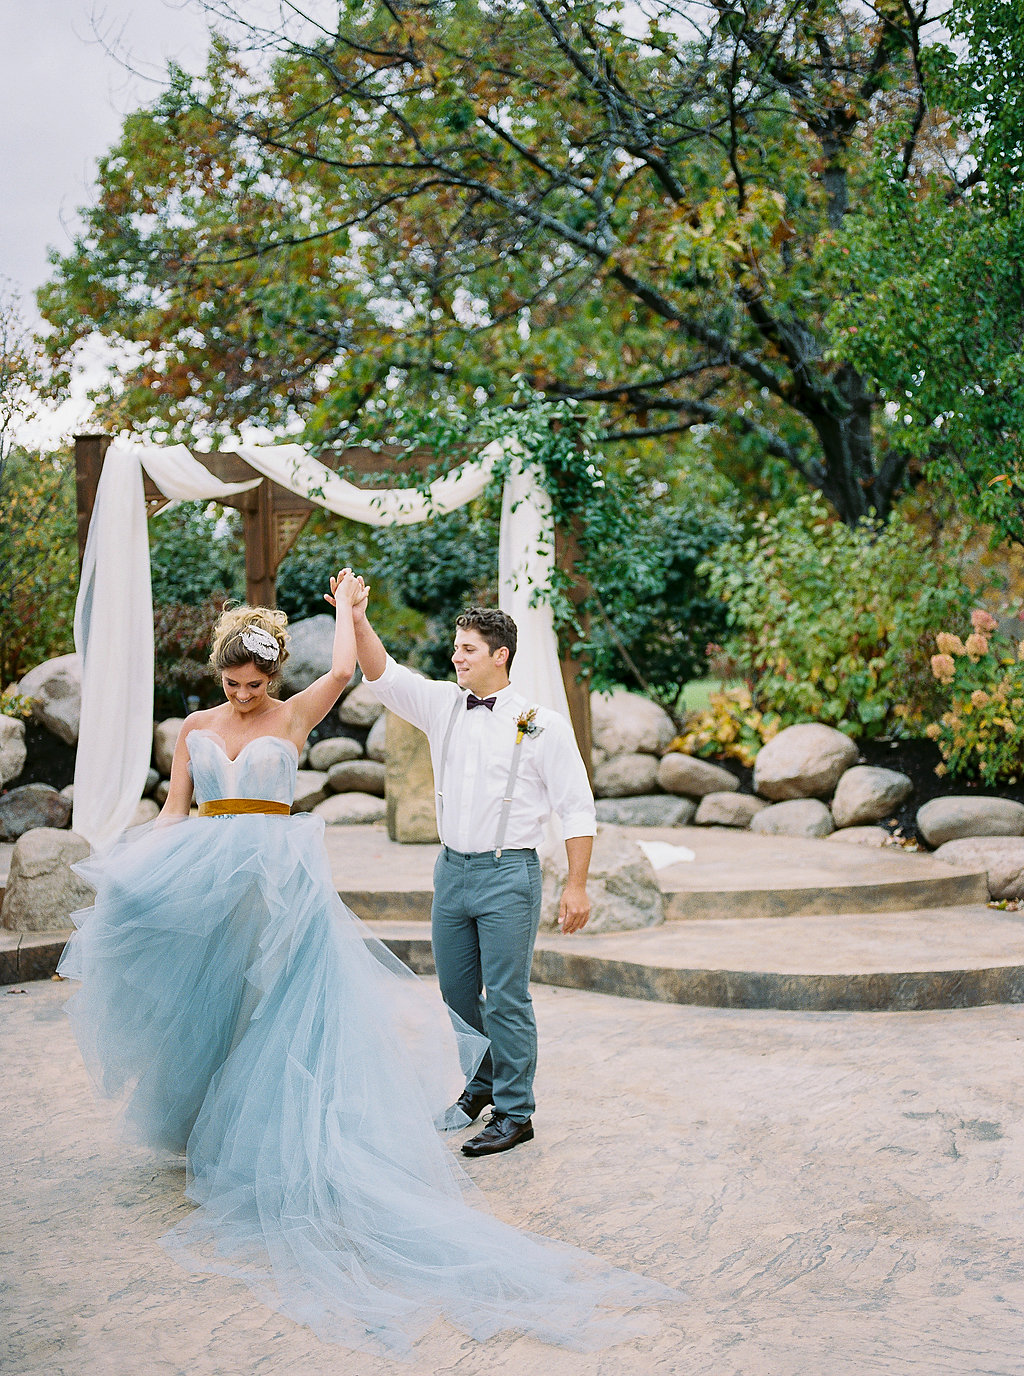 Cobalt and amber wedding inspiration ruffled cobalt and amber wedding inspiration photo by alexandra elise photography httpsruffledblog junglespirit Choice Image